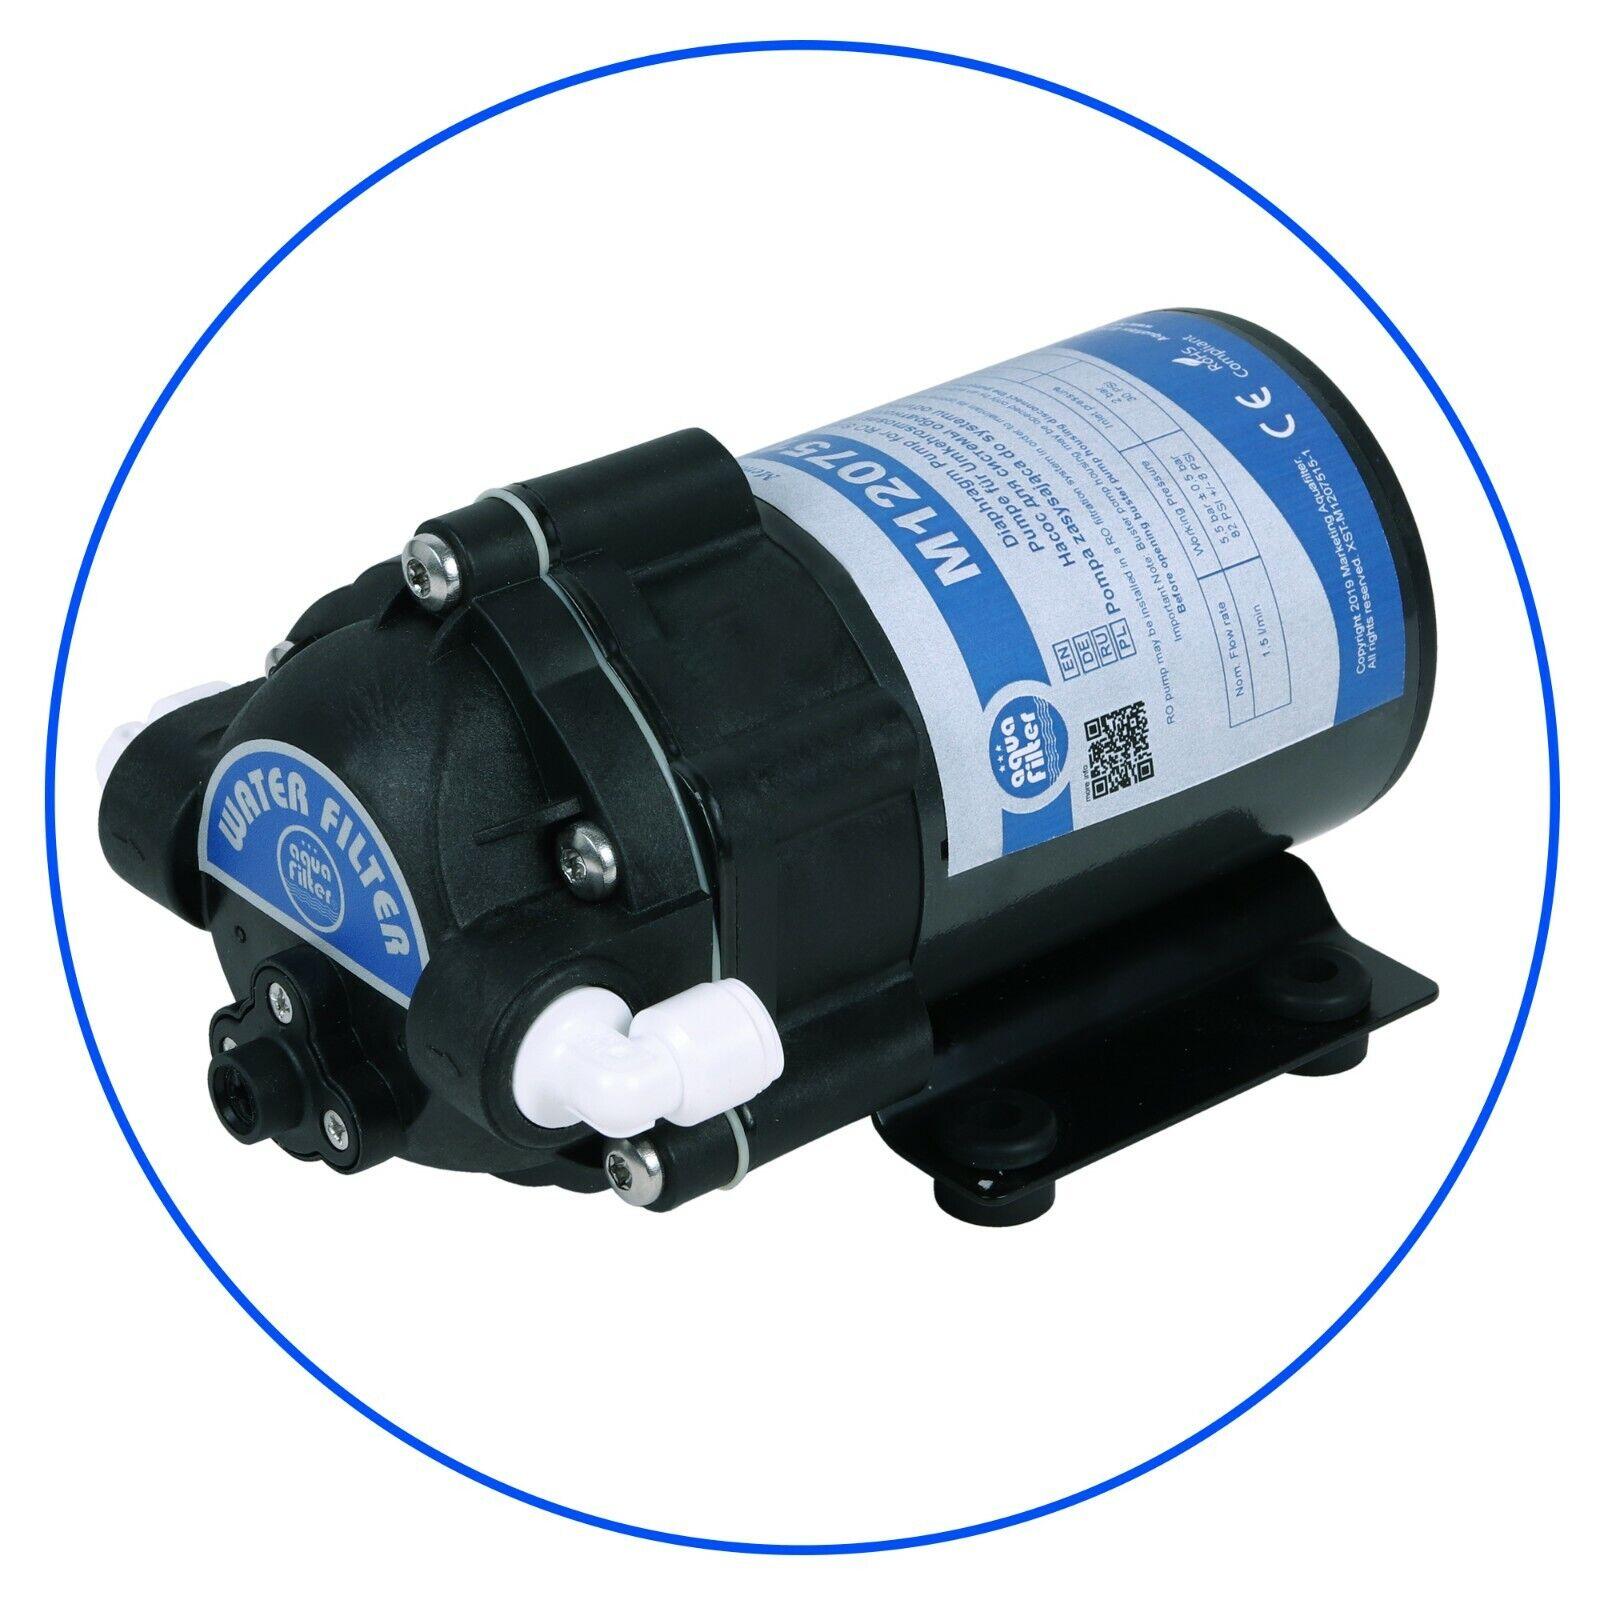 Filtre membrane Booster Pompe eau RO avec armatures 75 GPD 24 V DC